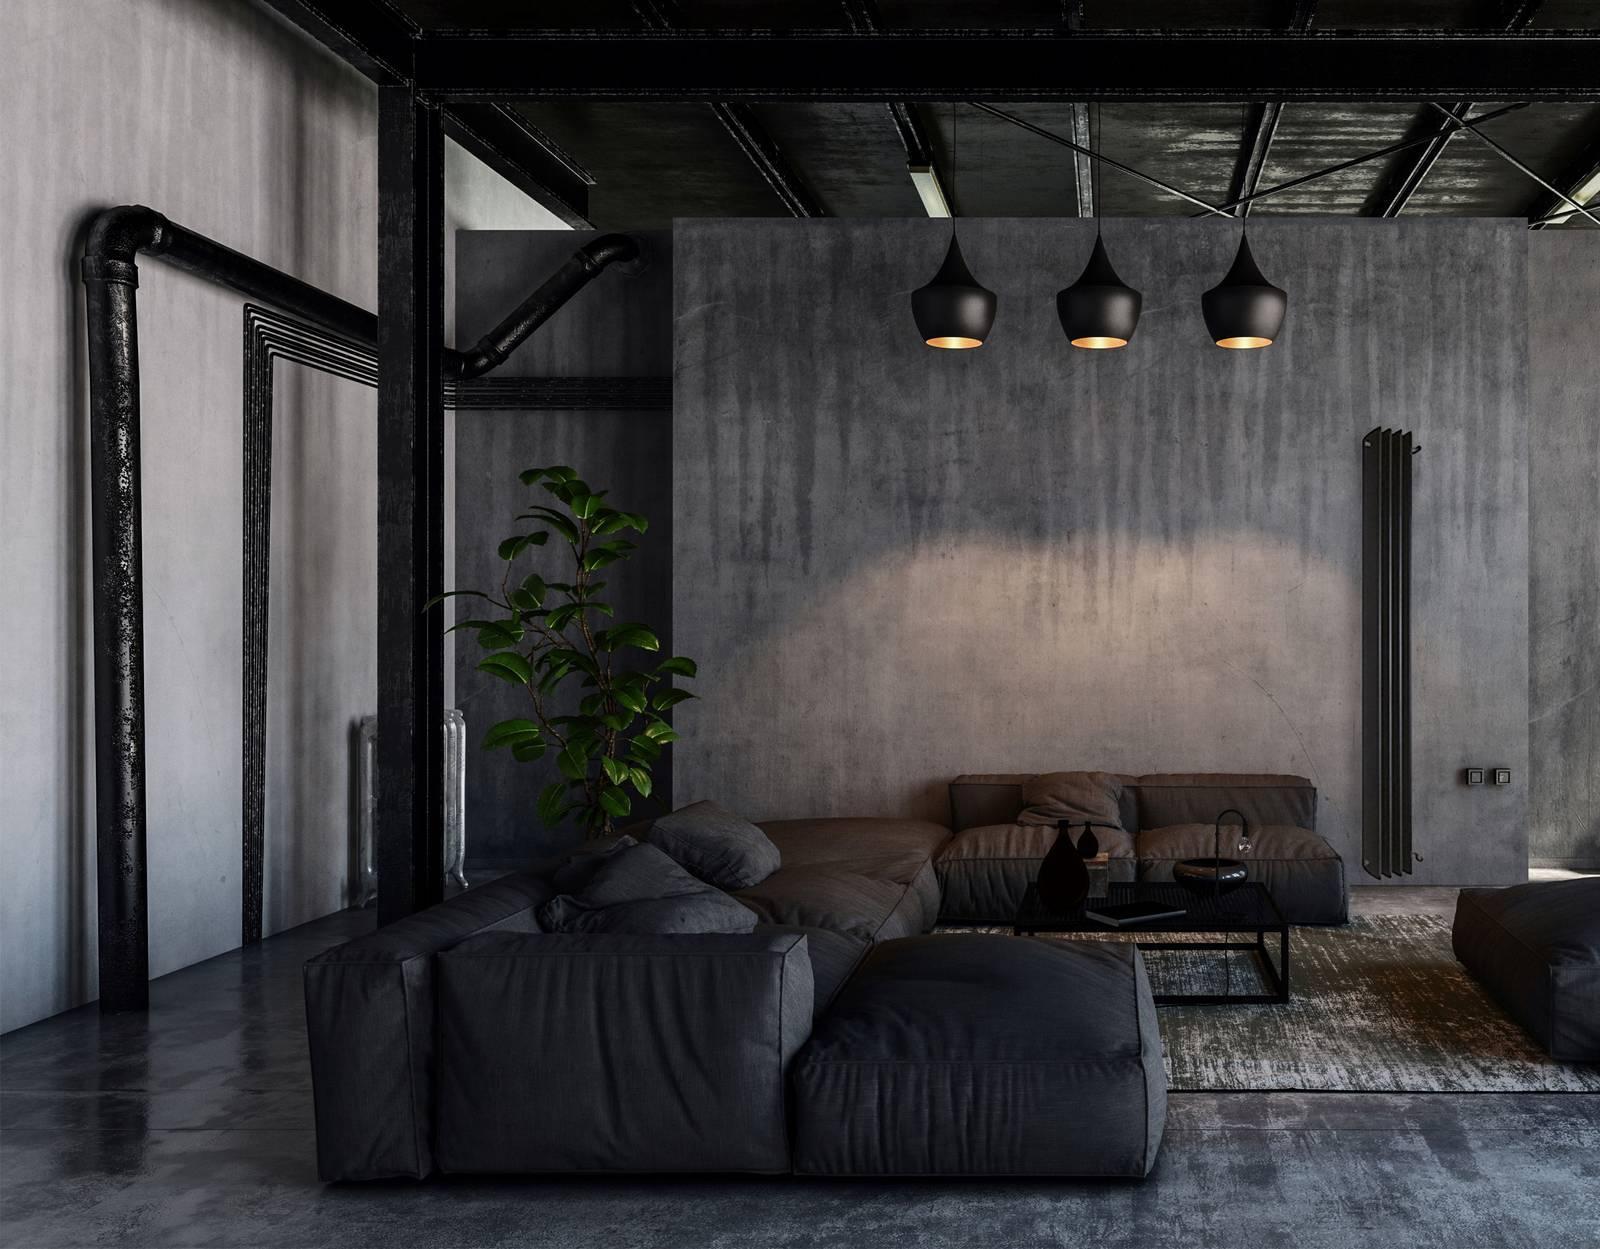 Porte Scorrevoli Stile Industriale arredare in stile industriale - cose di casa